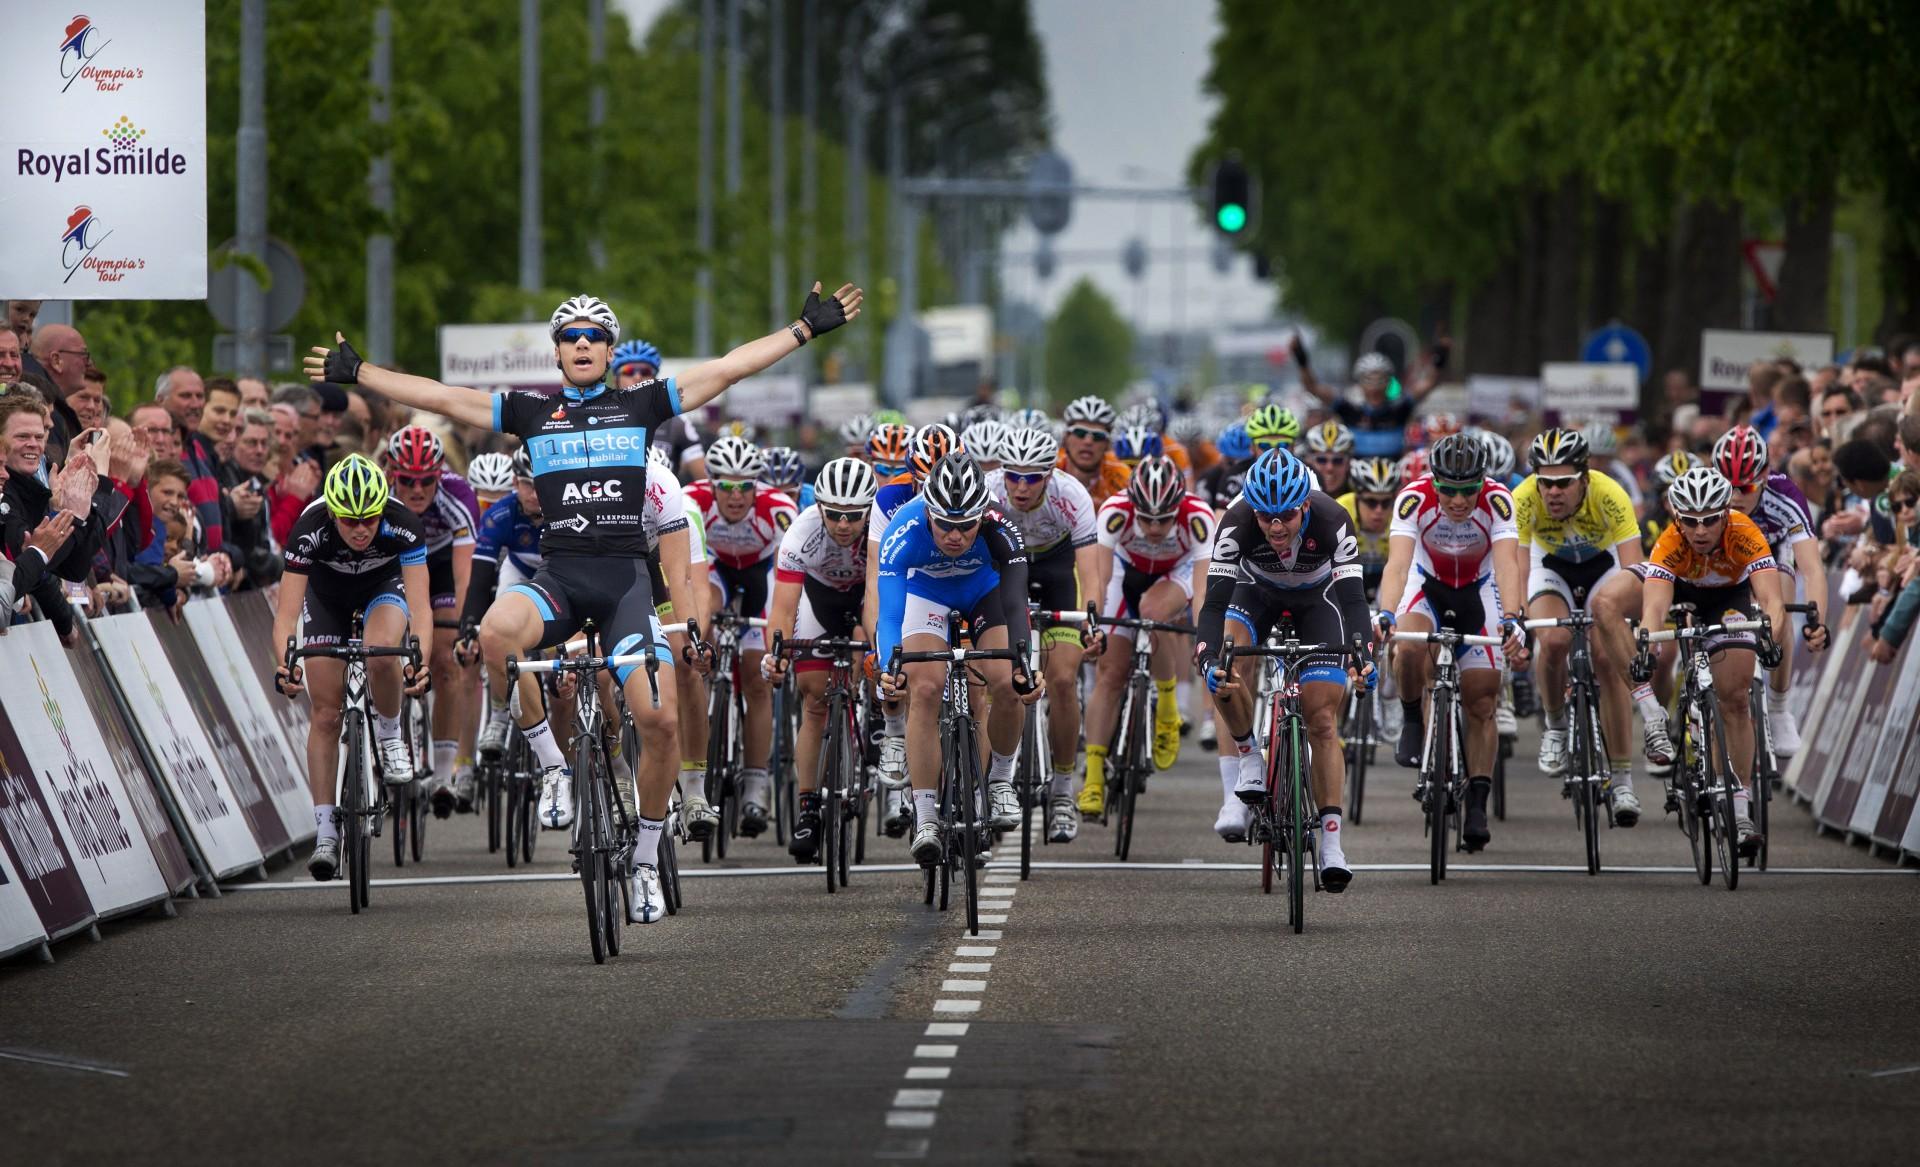 Olympia's Tour Elst - Hoofddorp